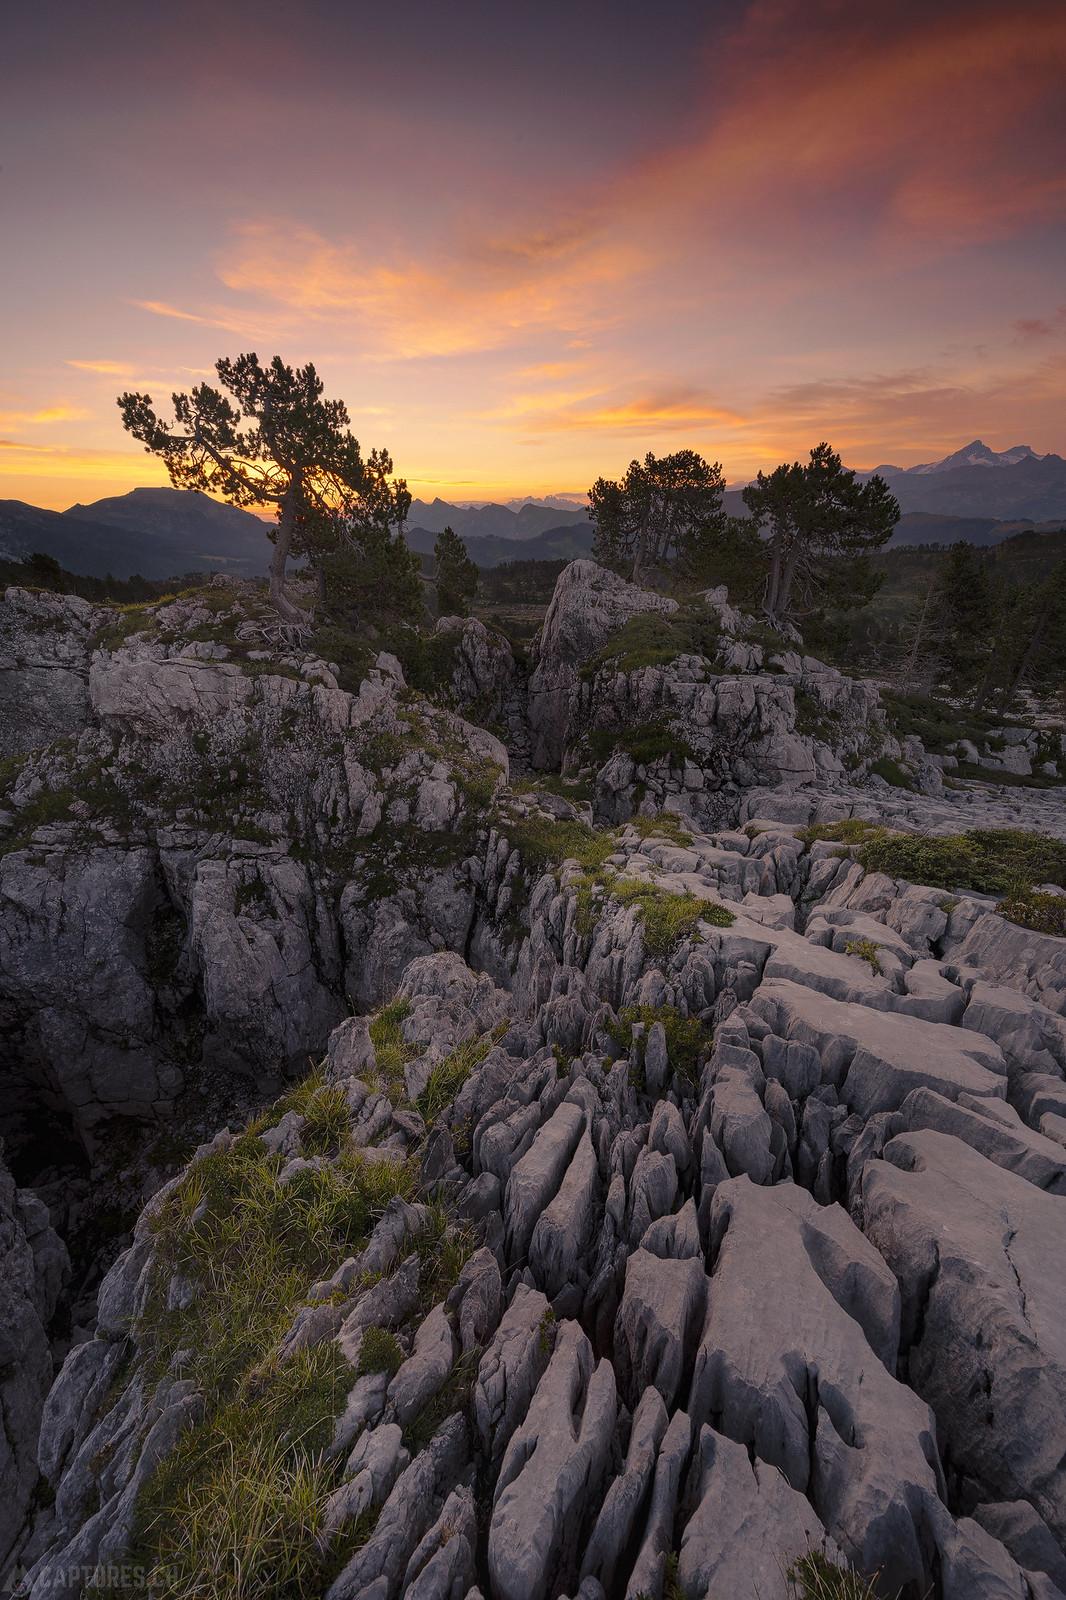 Cracked terrain in the morning light - Seefeld